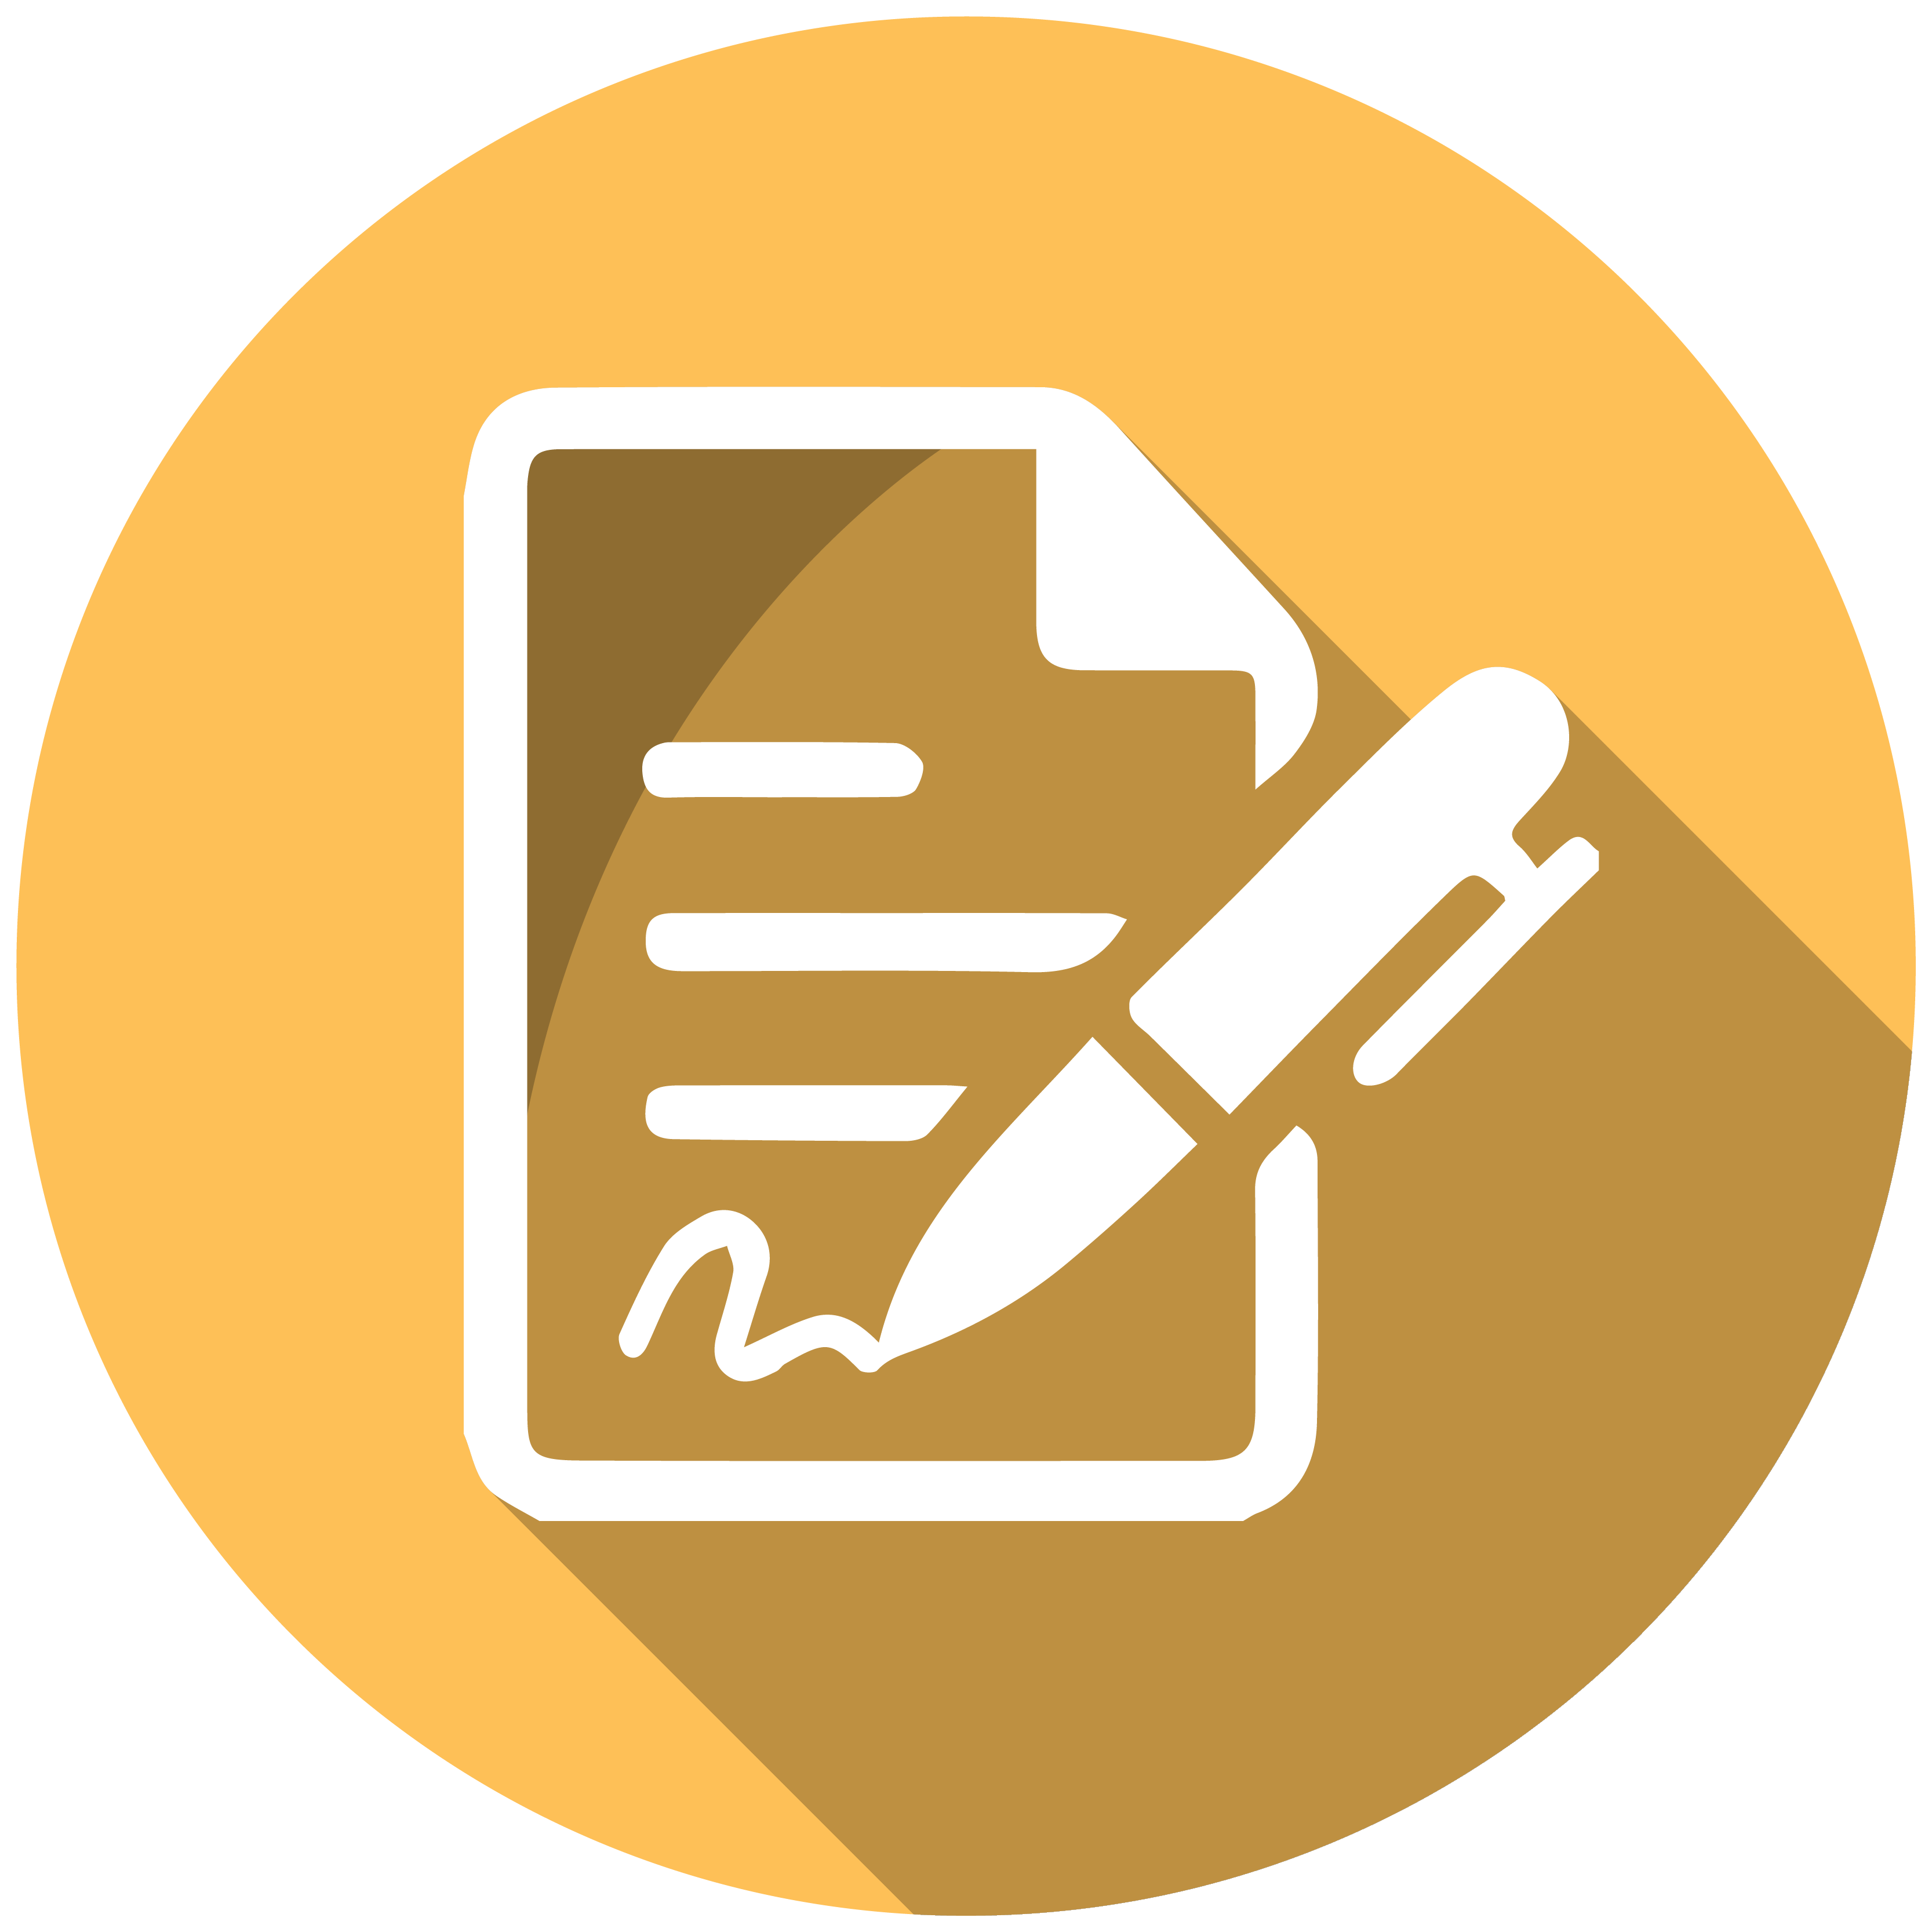 خرید فایل( بررسی رابطه سیستم اتوماسیون اداری با تحول سازمانی از طریق فرایند SWOT با تکنیک تحلیل عاملی)